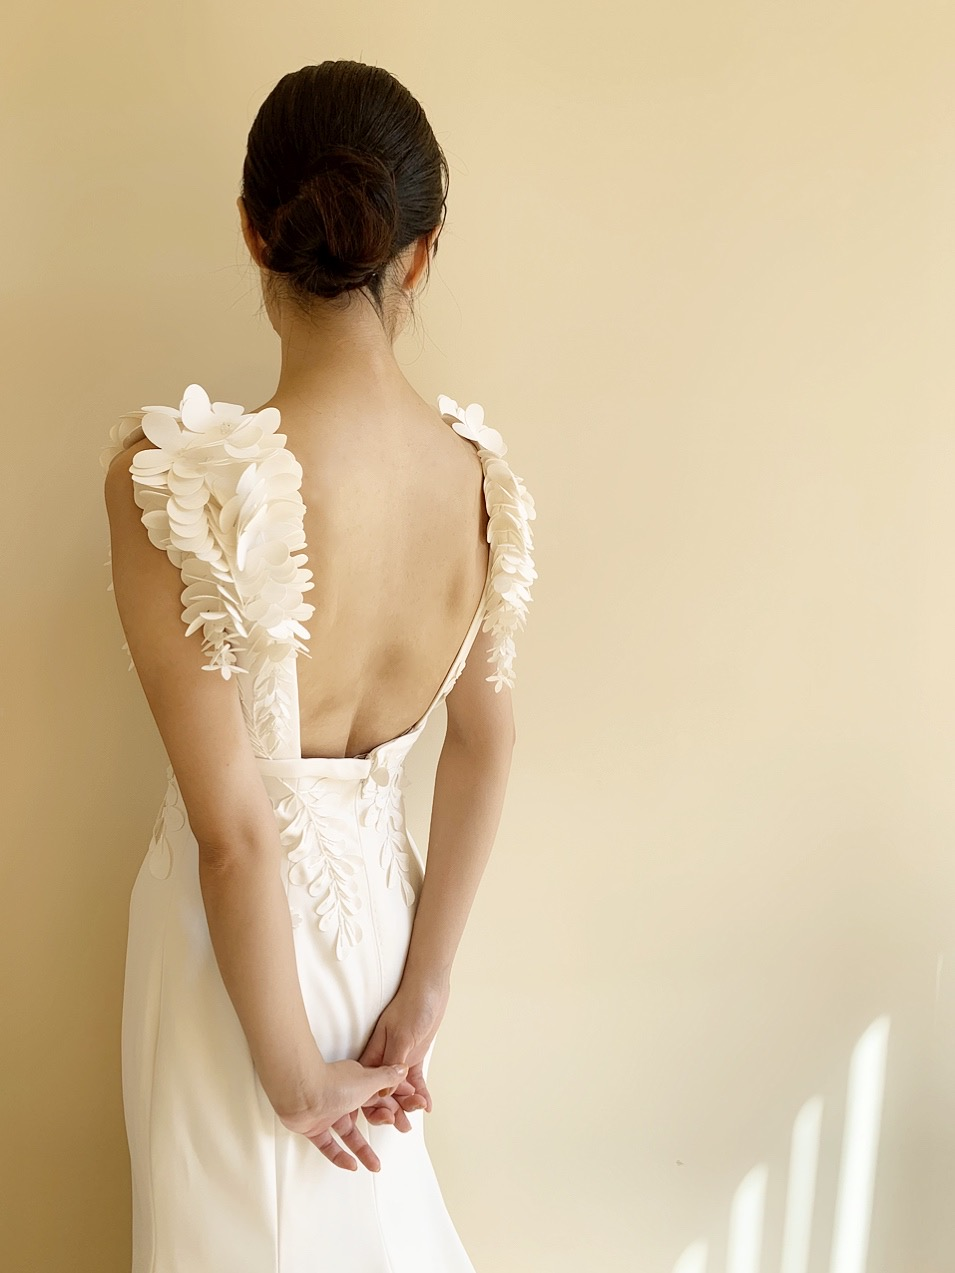 ザ・トリート・ドレッシング京都の上品でモダンなデザインのビクターアンドロルフマリアージュのウエディングドレス